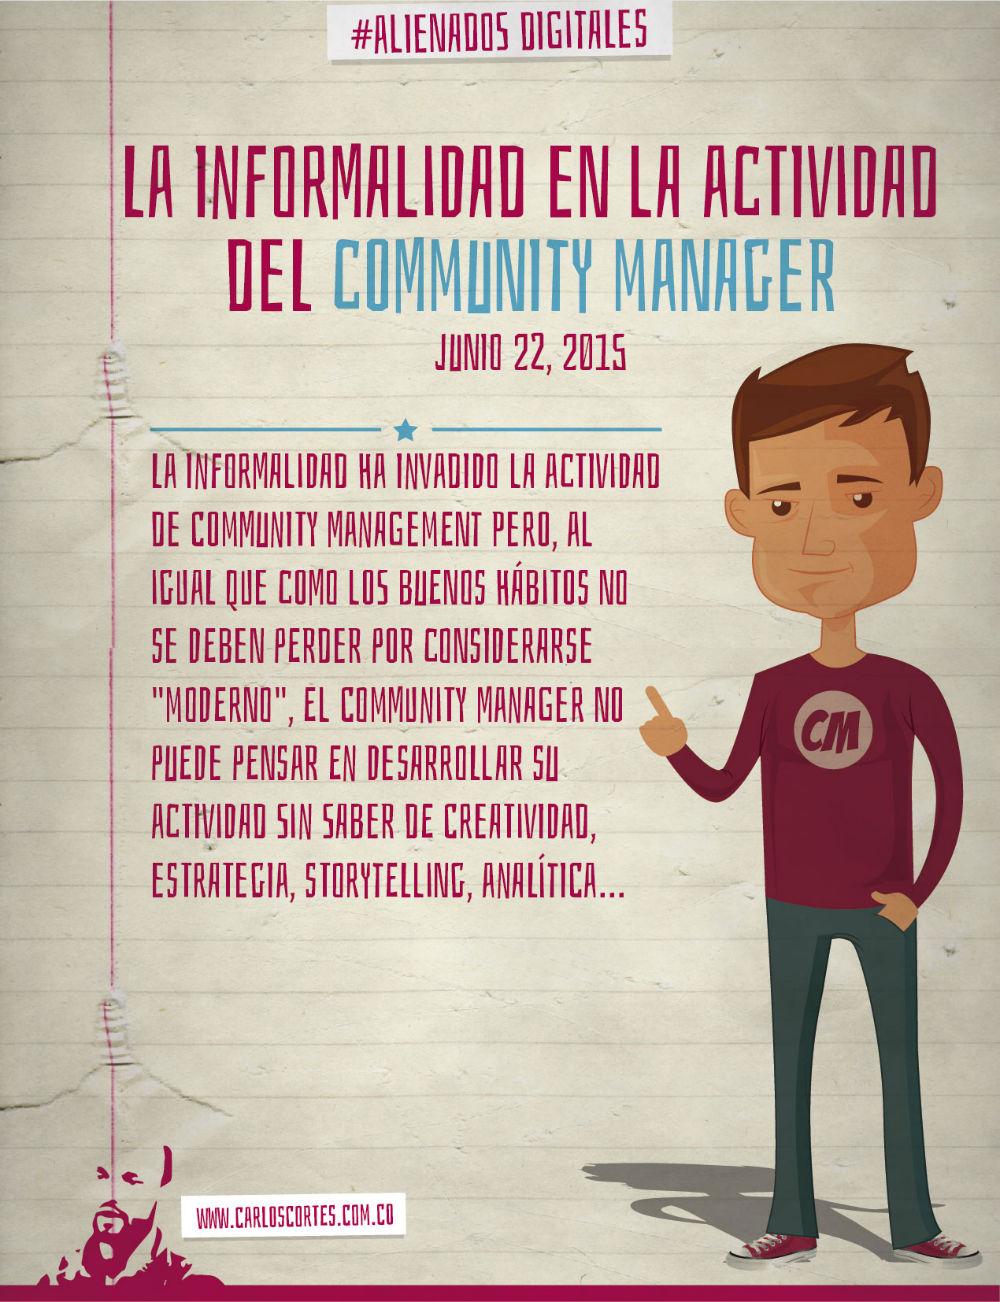 la-informalidad-del-community-management-carlos-cortes